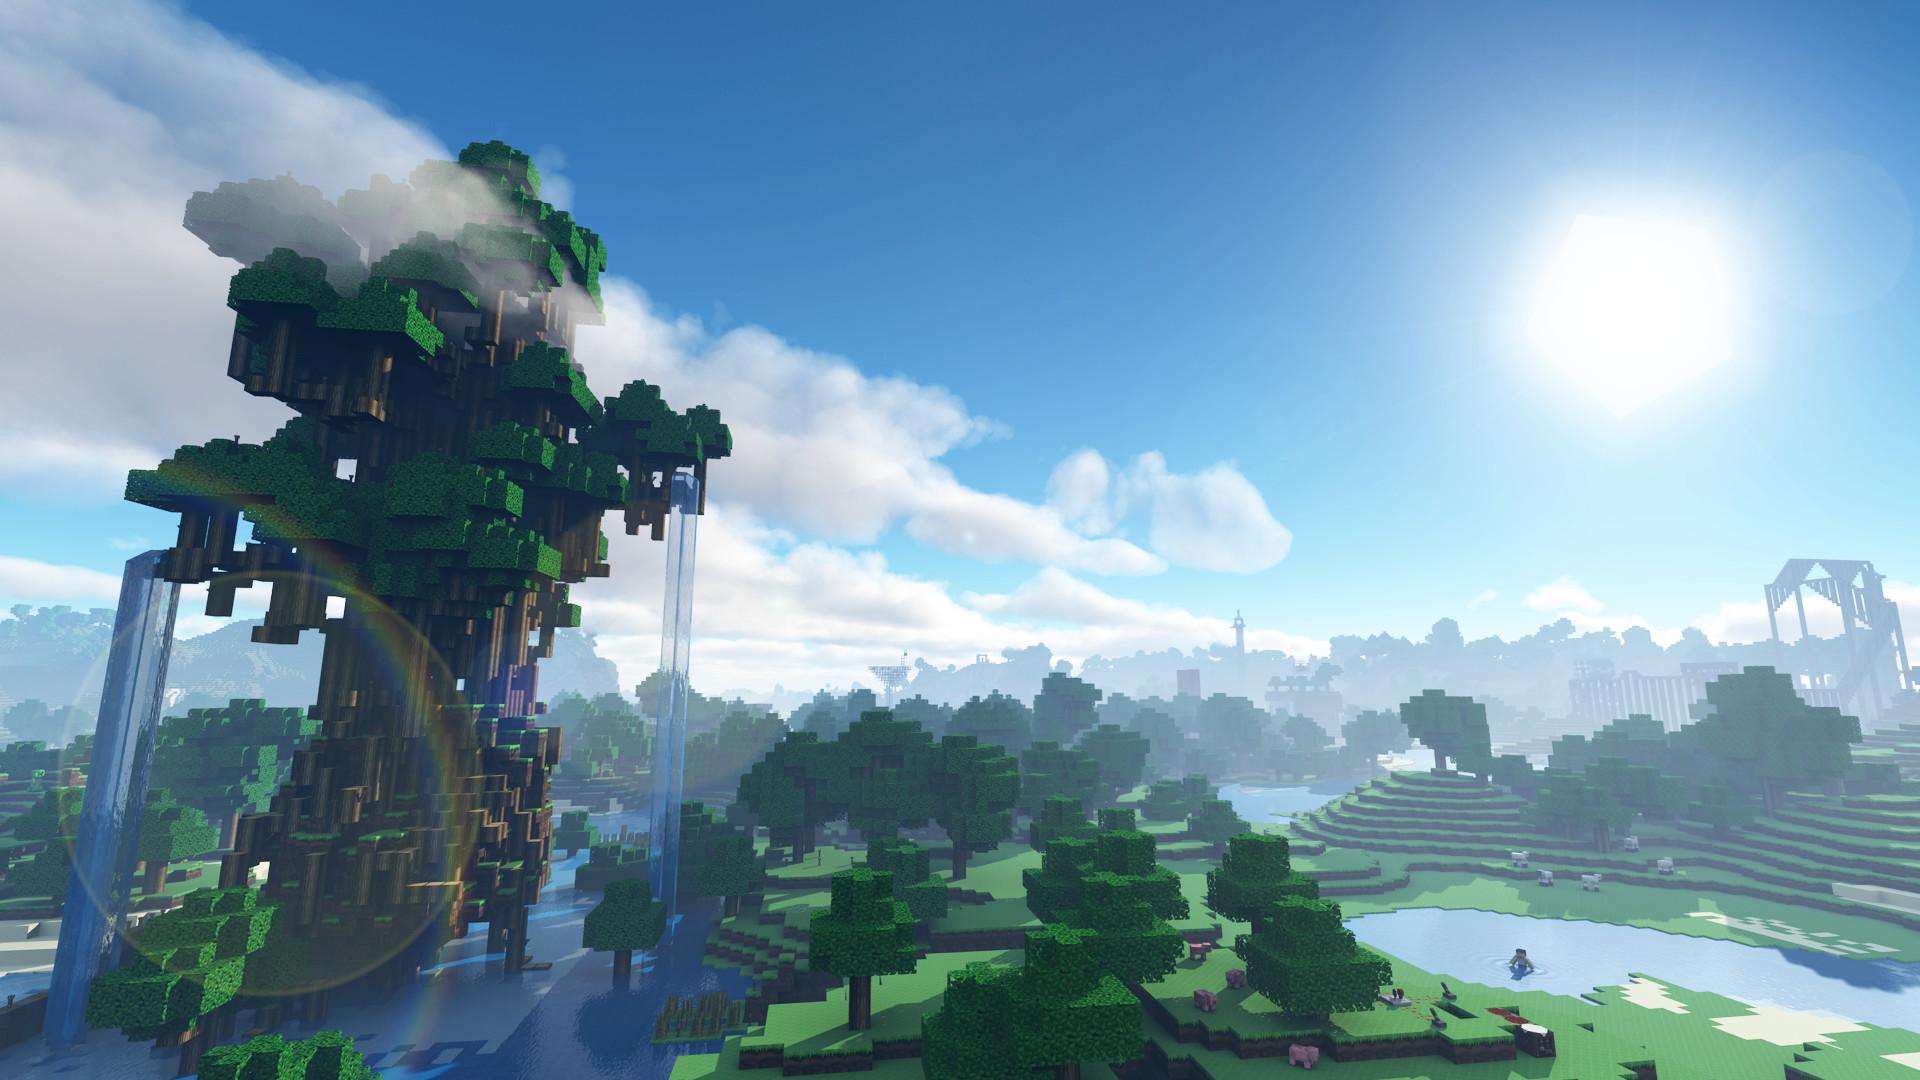 Minecraft Ölünce Eşya Gitmeme Kodu